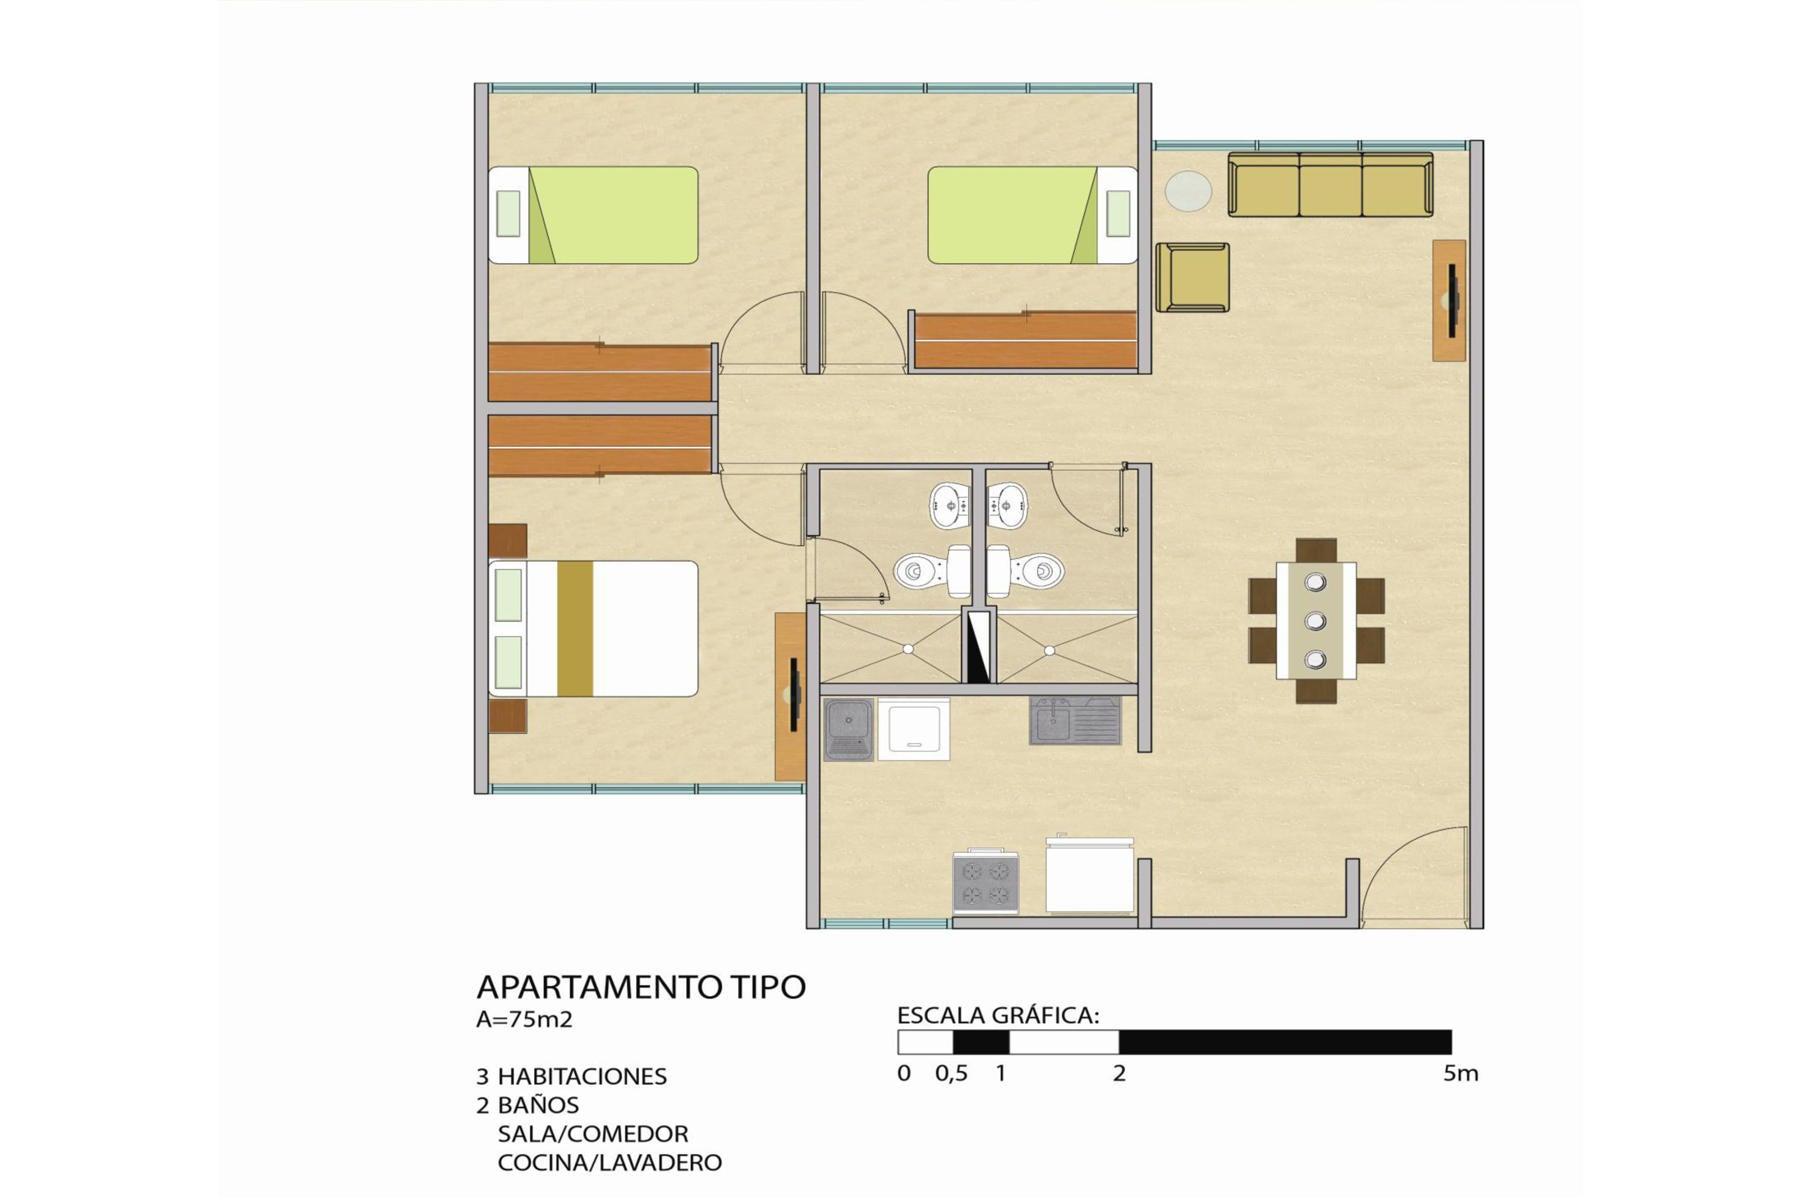 Rah 16 4723 terreno en maria chiquita for 250000 dollar house